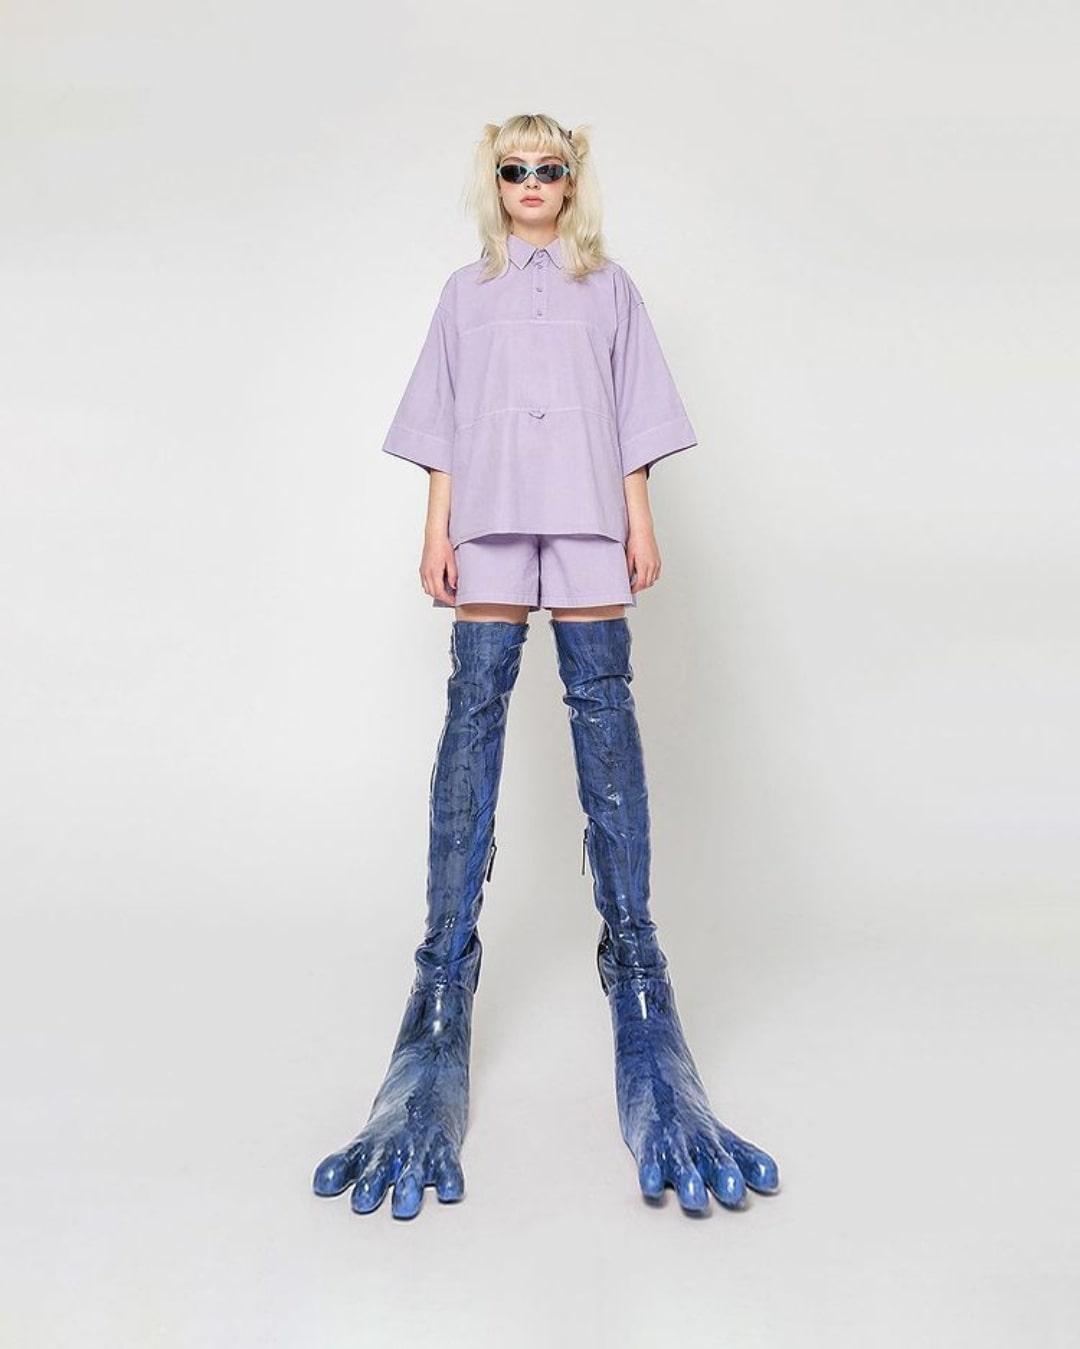 Conoce a Beate Karlsson, la diseñadora que crea botas monstruosamente fashion